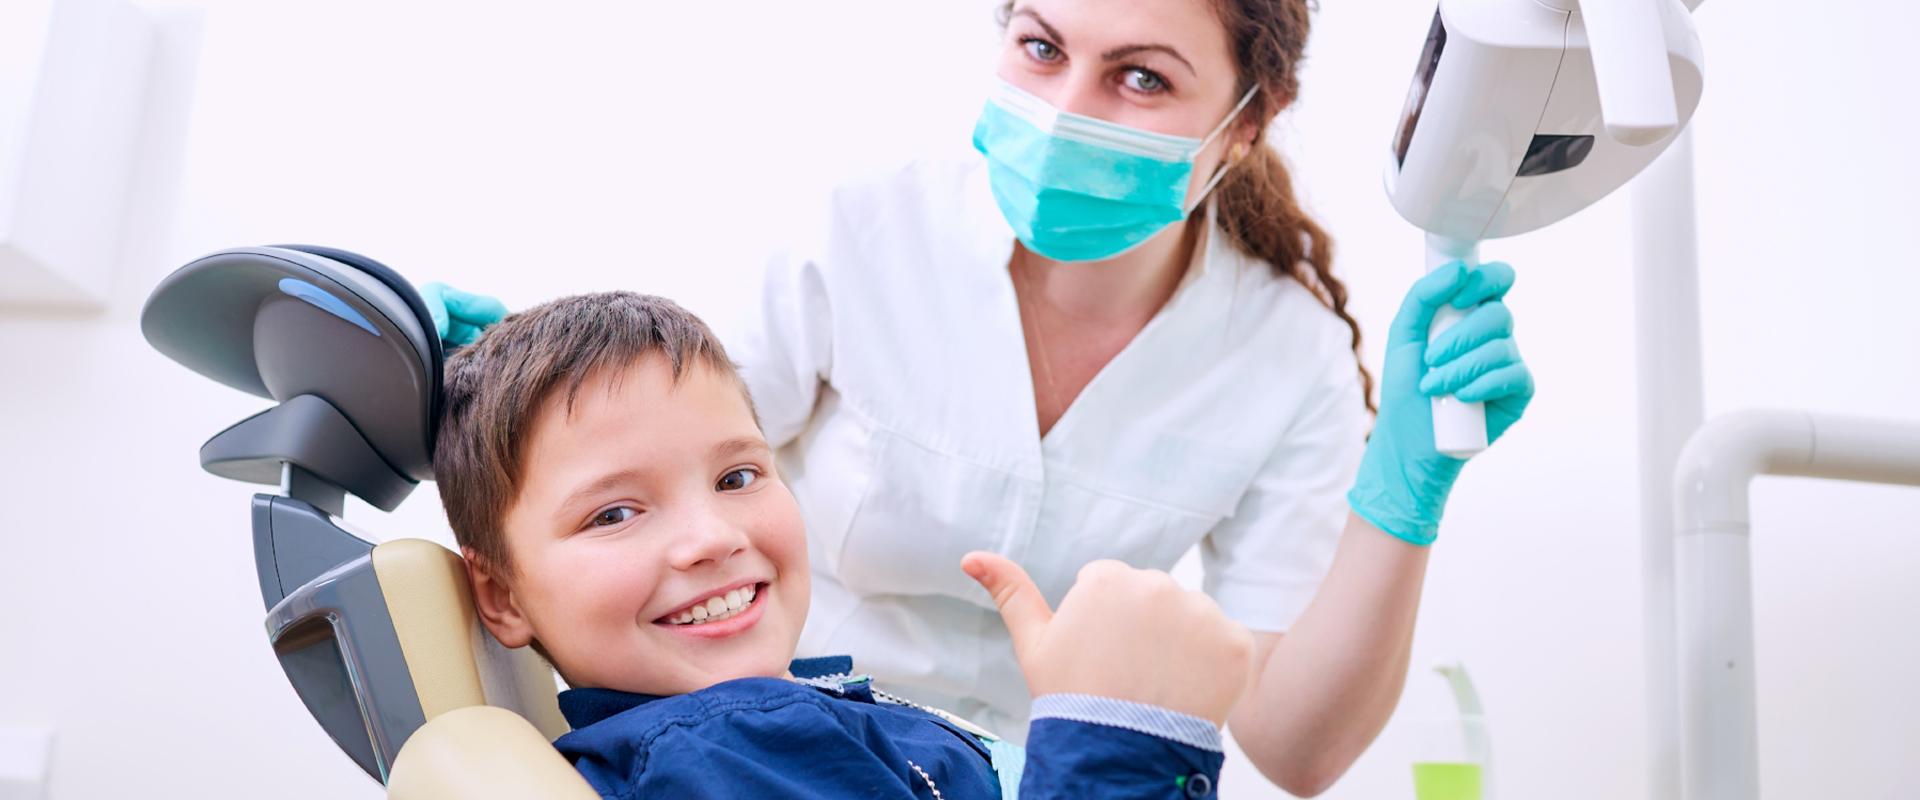 dentist gilbert az 85296 gilbert dentist town square dental